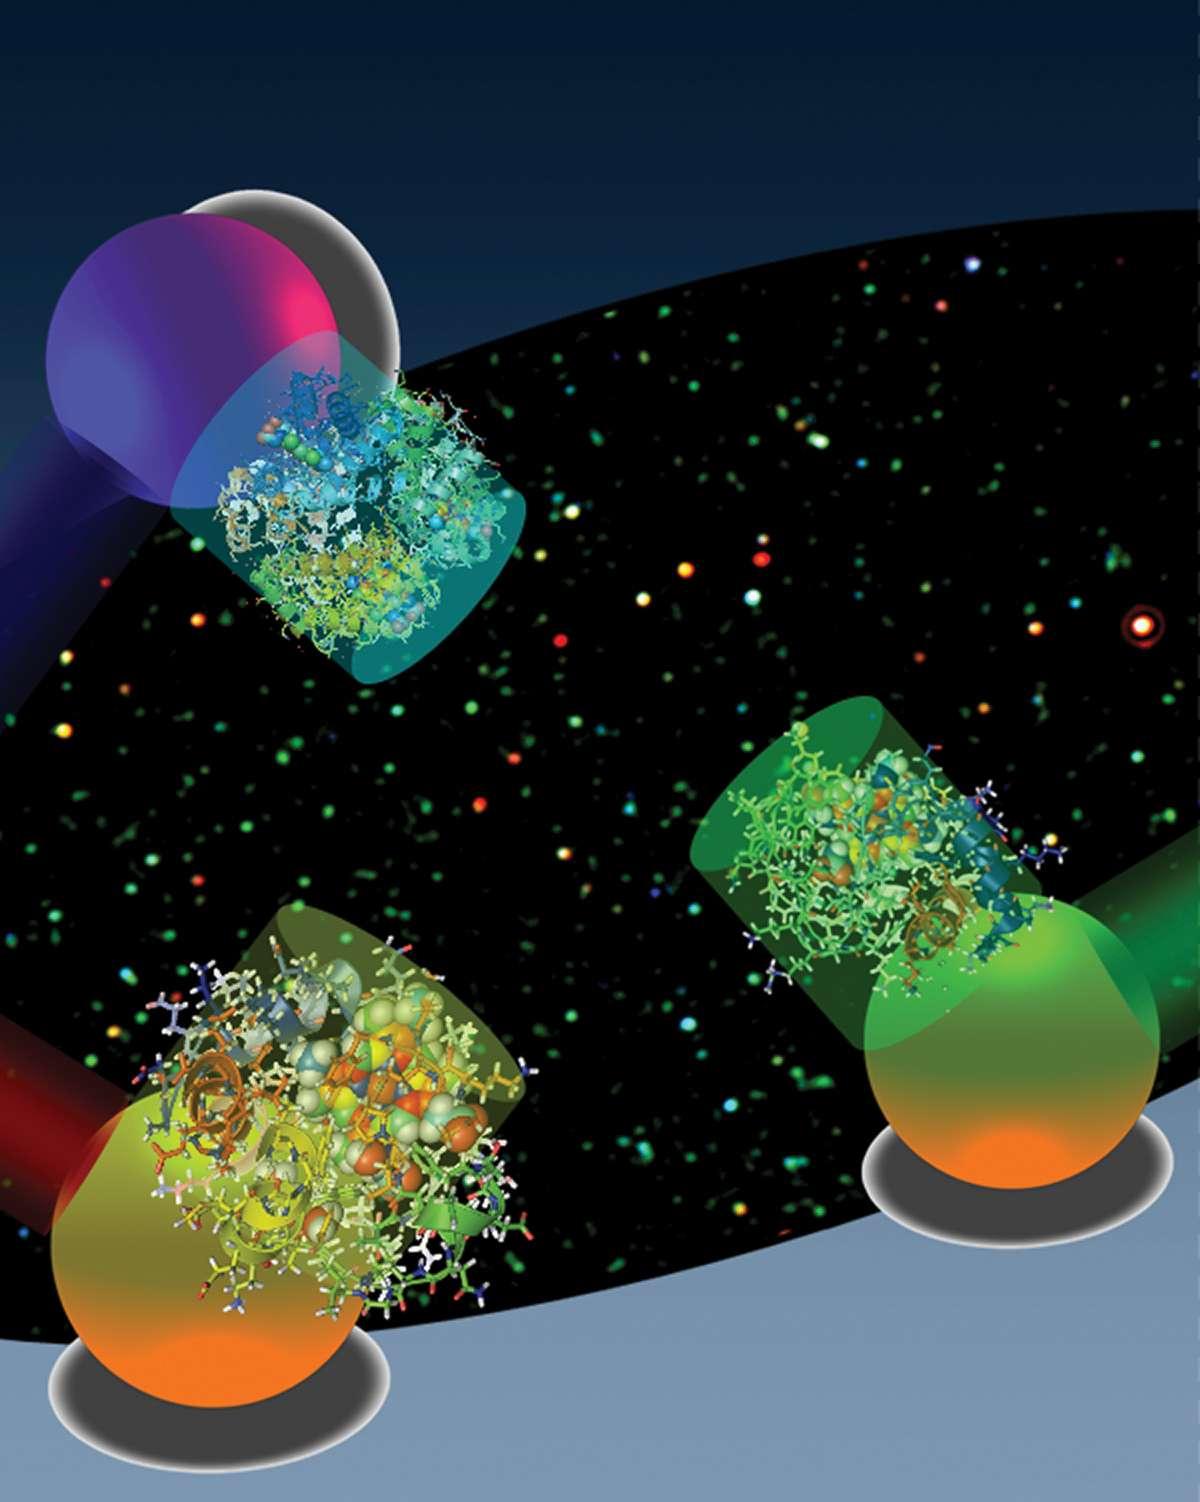 En fonction de la lumière absorbée par les nanoparticules d'or sphériques couplées à des molécules, on peut tracer le comportement de ces dernières. Crédit : Gang Logan Liu et Luke Lee, UC Berkeley